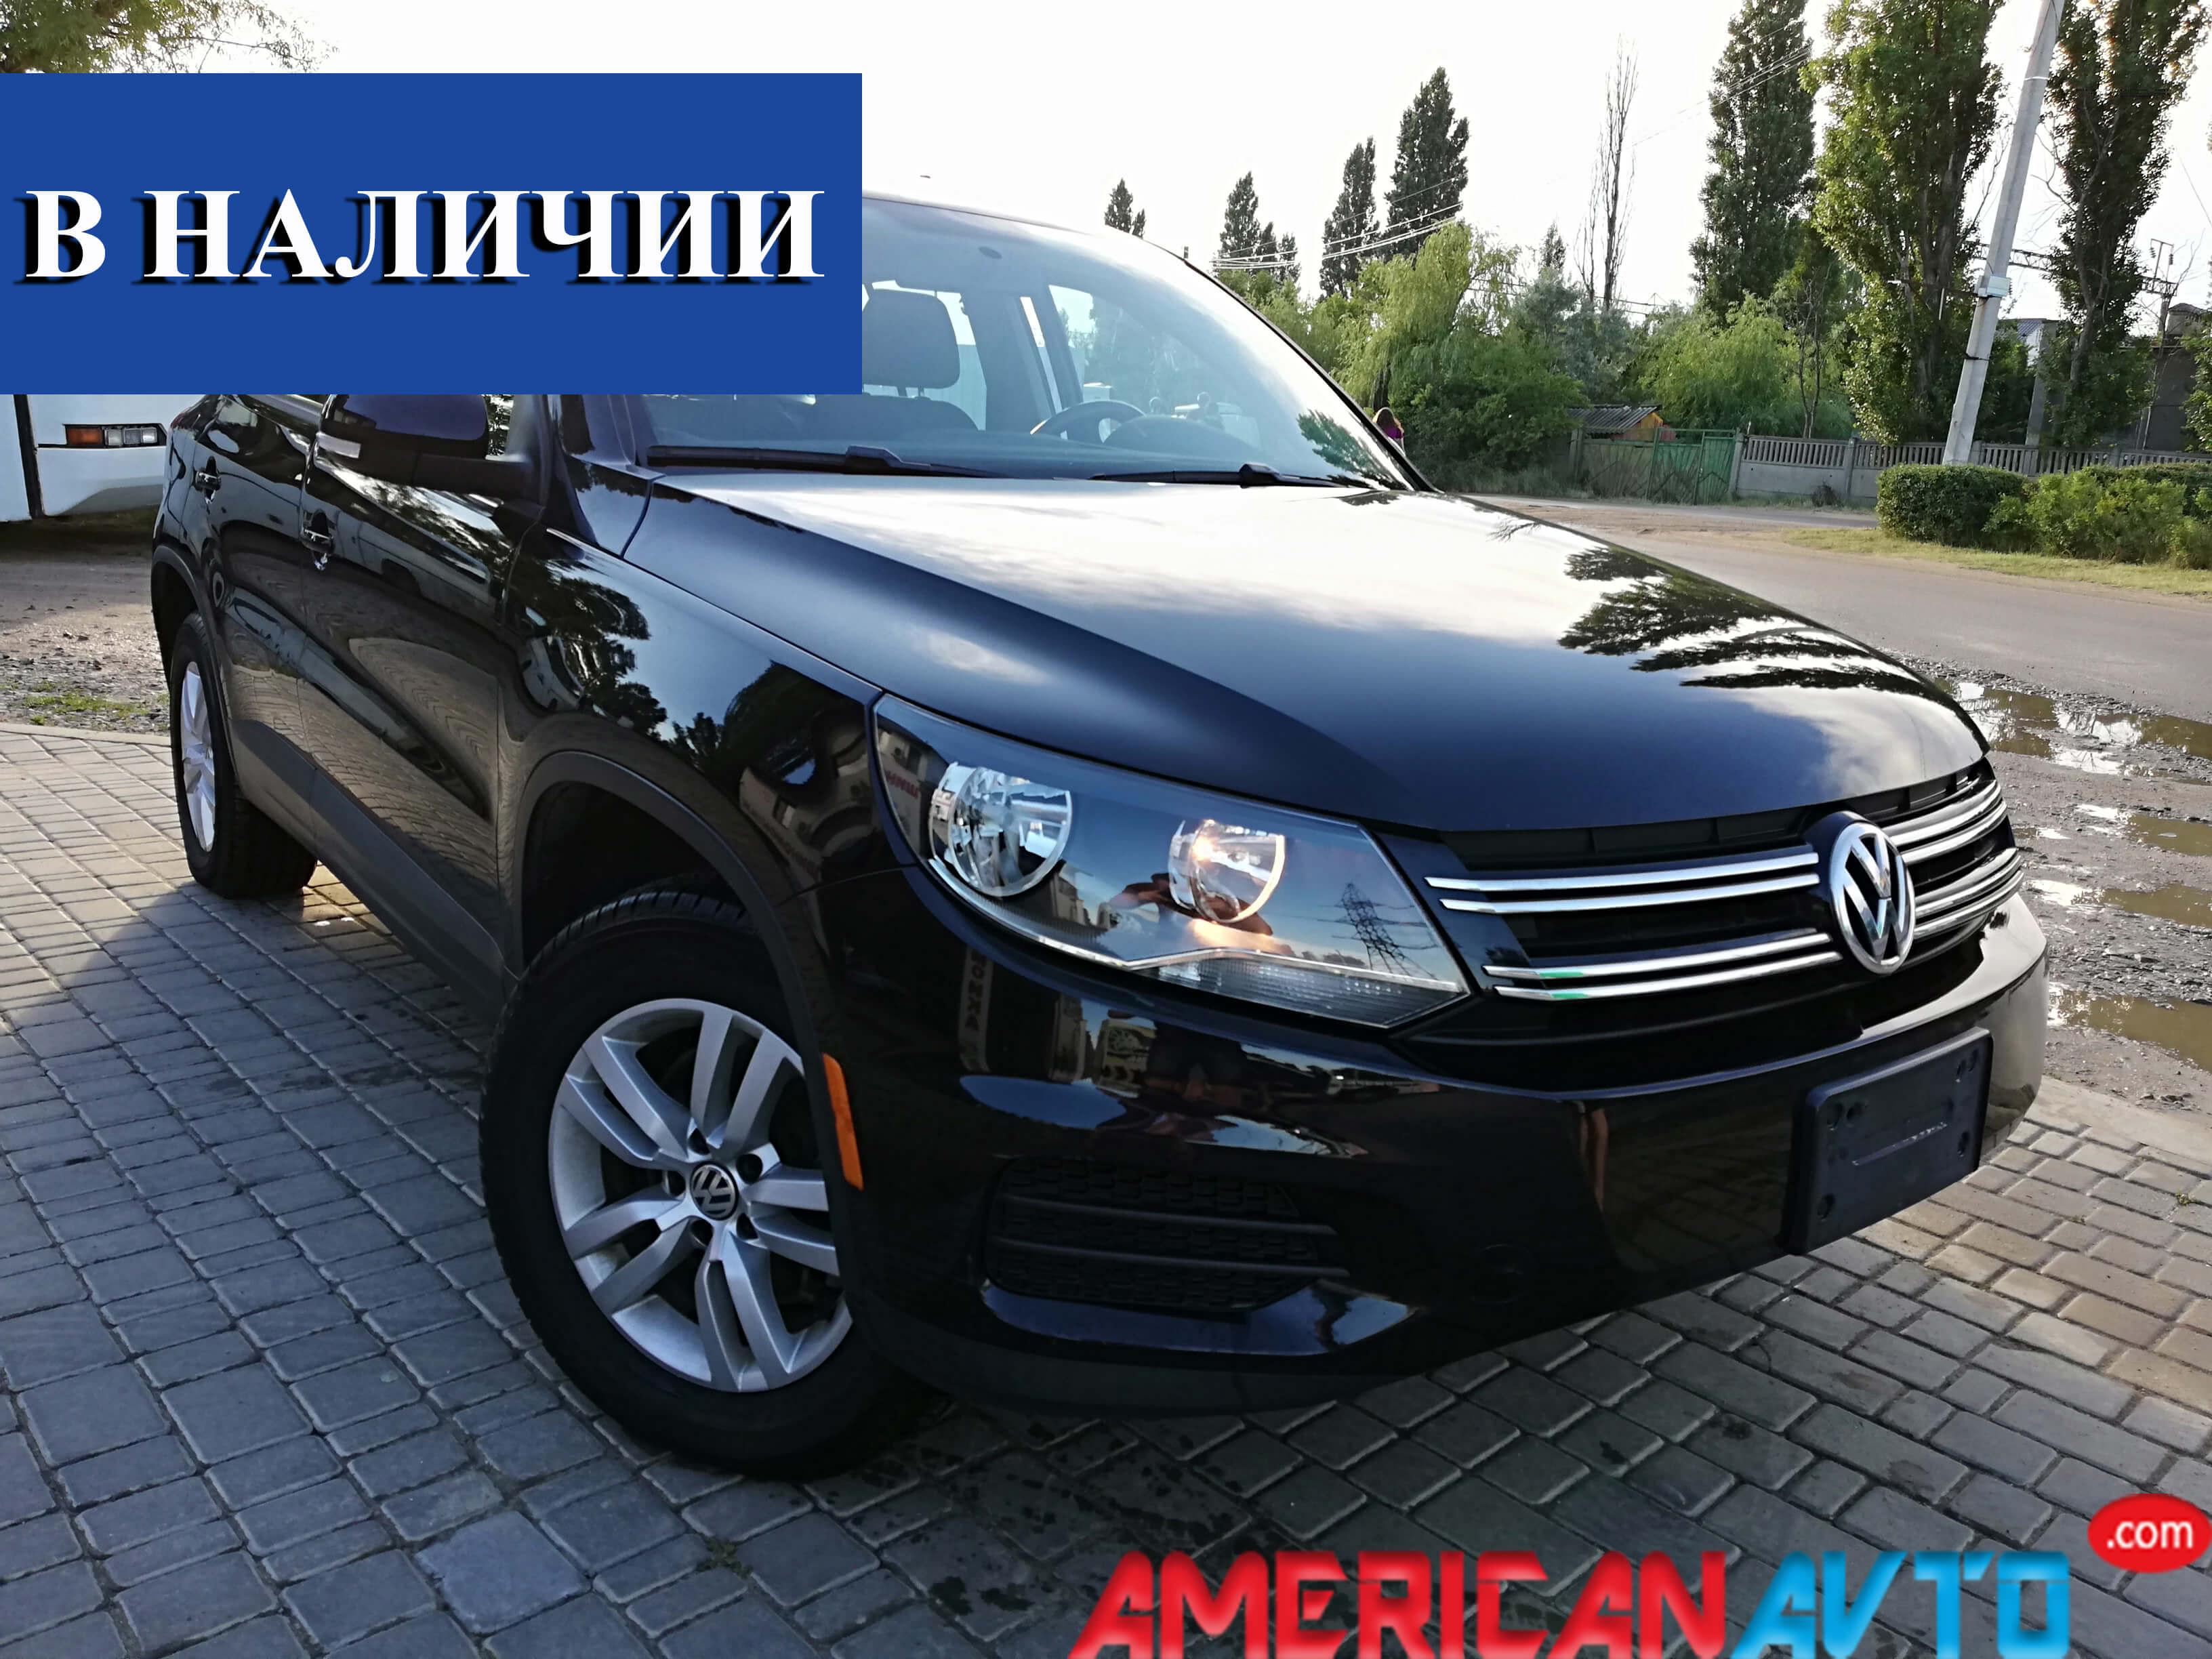 Volkswagen Tiguan kupit bu v Nalichii